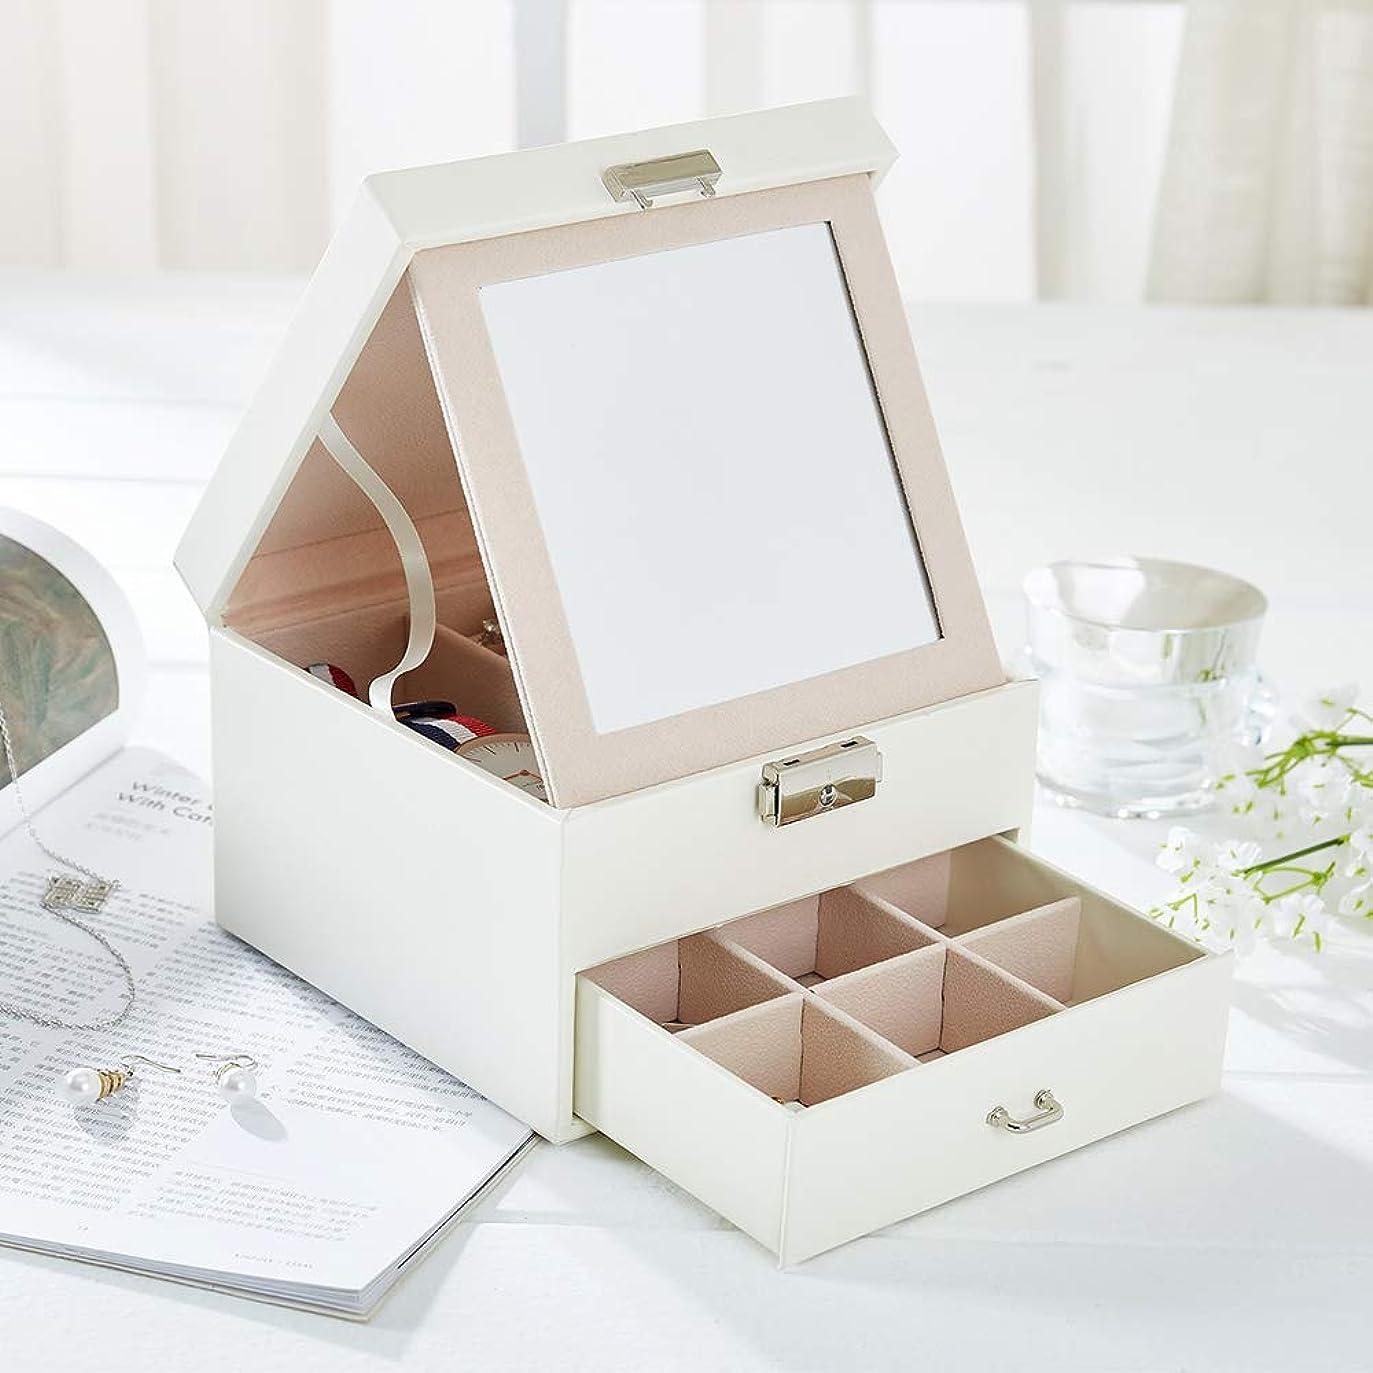 セラーエスカレーターコンサルタントDiolan ジュエリー収納ケース ジュエリーボックス ミラー付き 2段収納 イヤリング 指輪 腕時計などを収納できる (ホワイト)